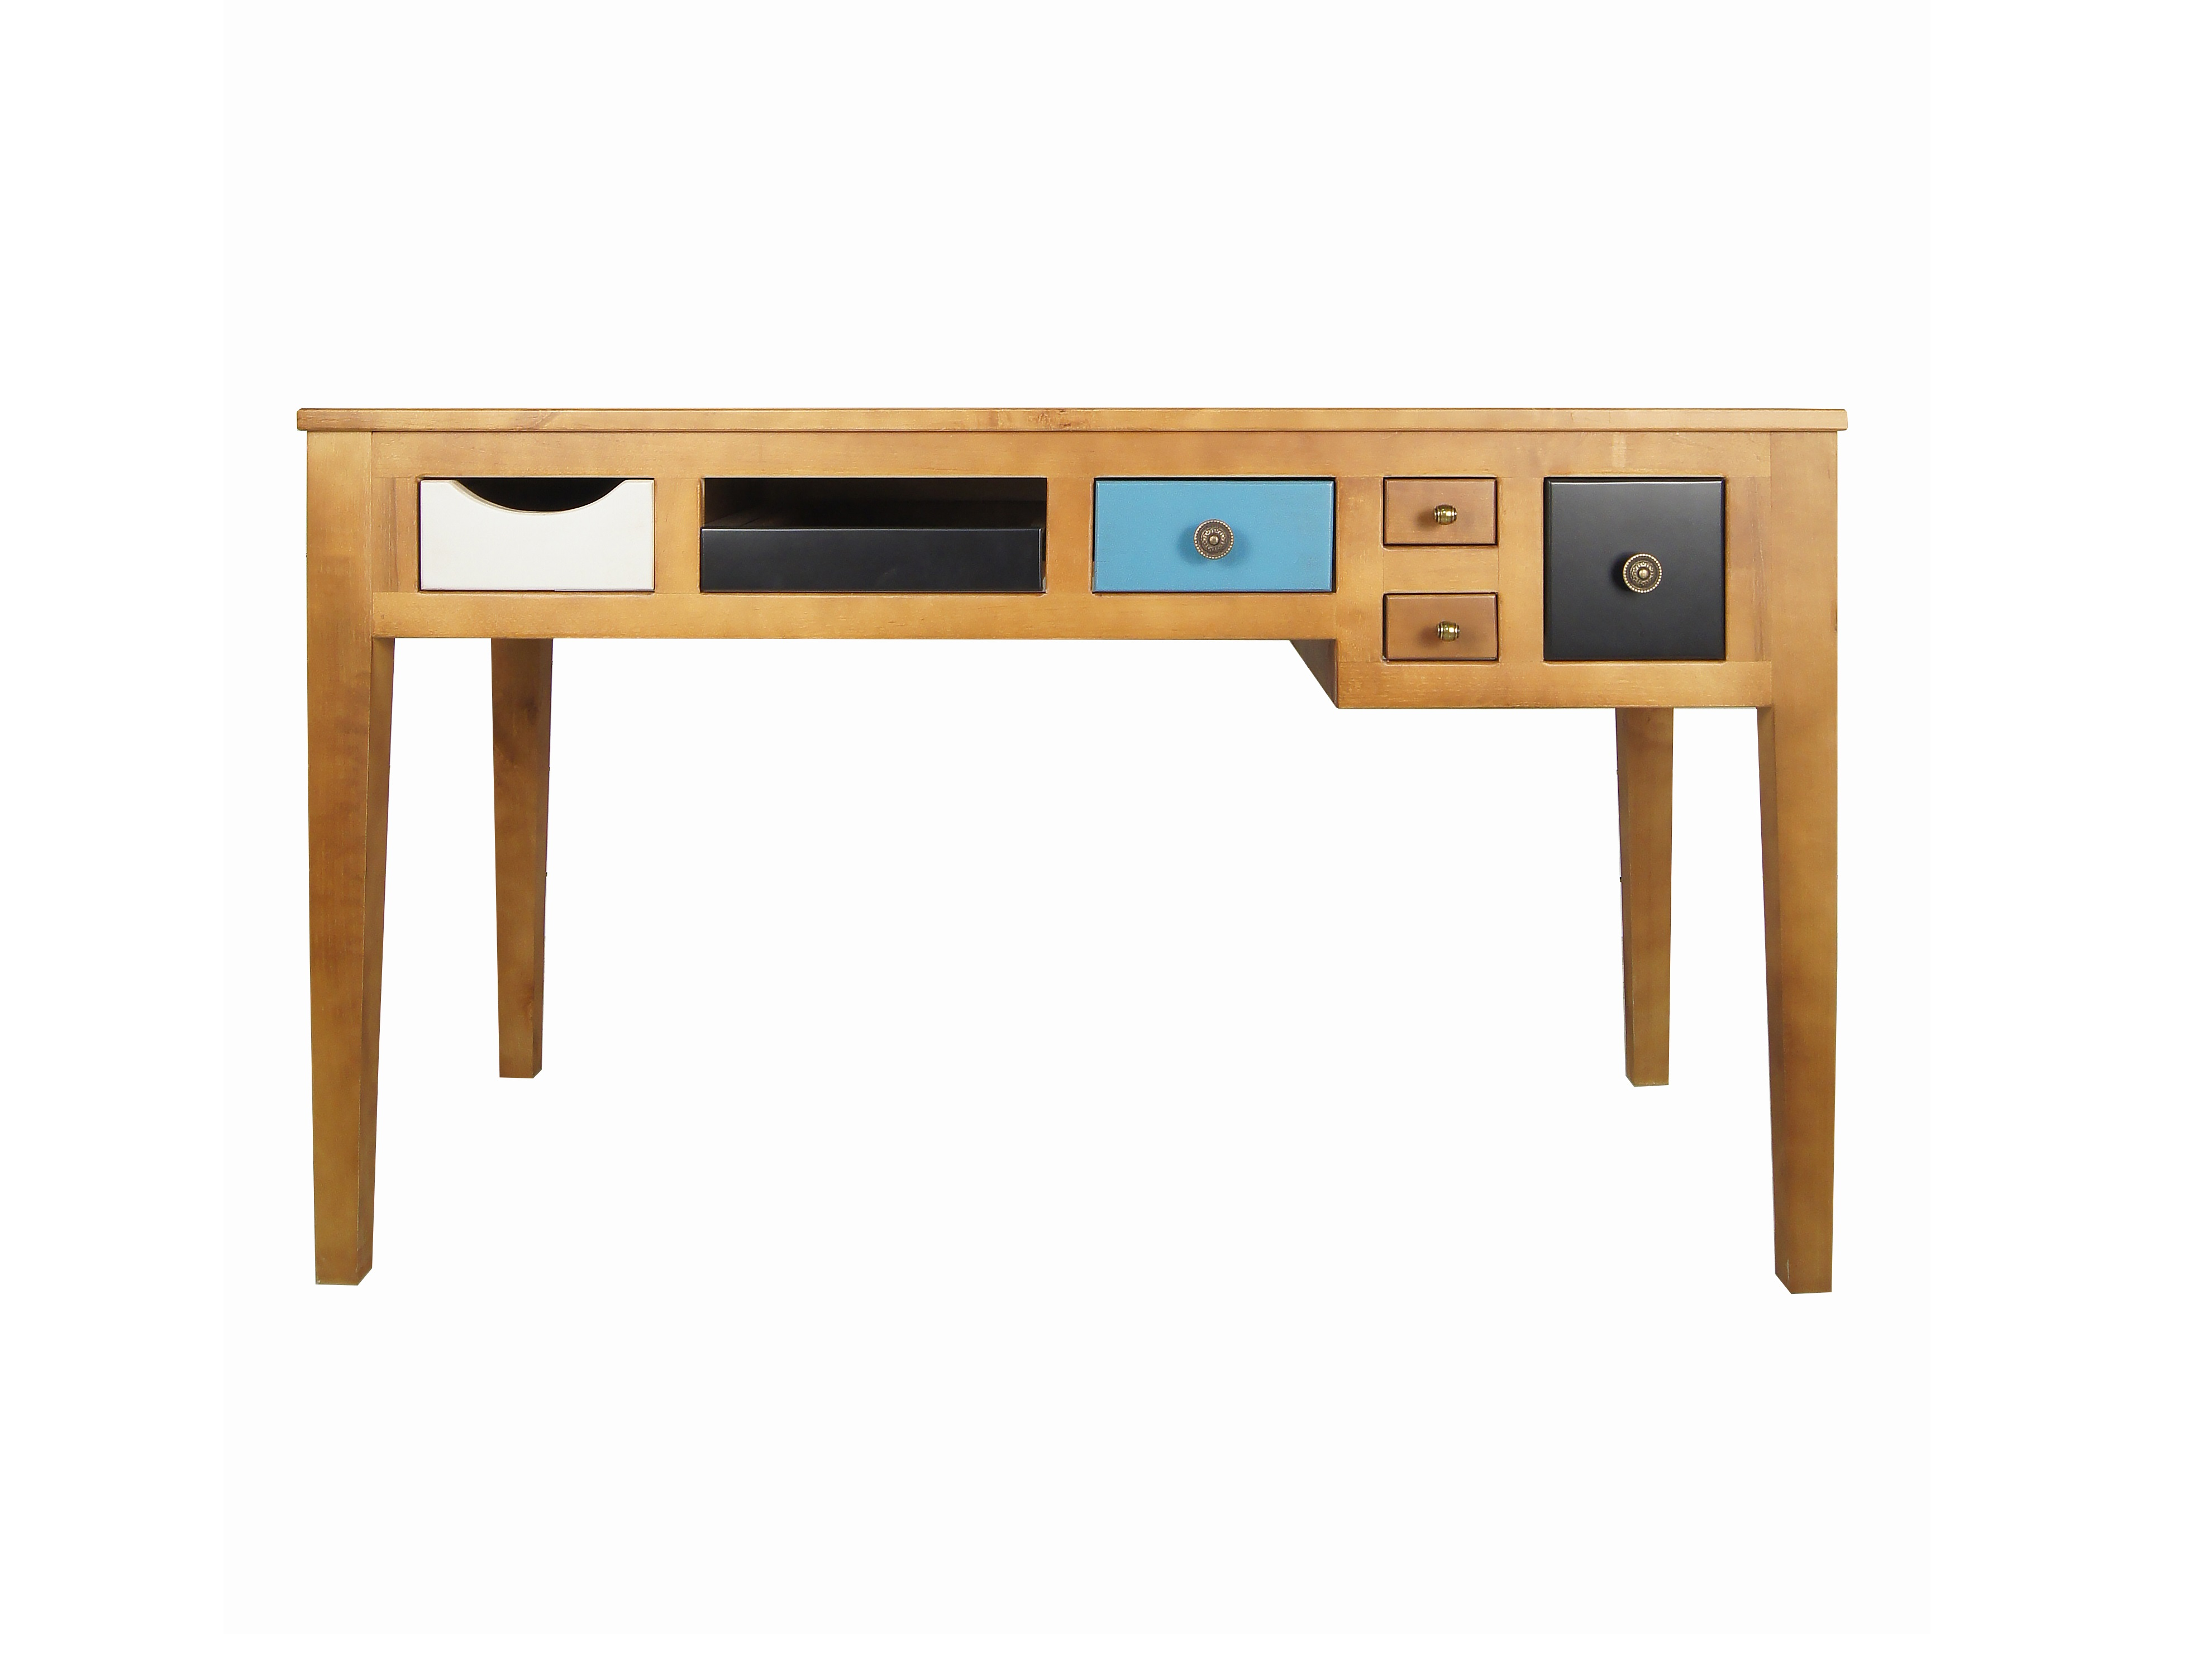 Рабочий стол Aquarelle BirchПисьменные столы<br><br><br>Material: Береза<br>Width см: 135<br>Depth см: 60<br>Height см: 75